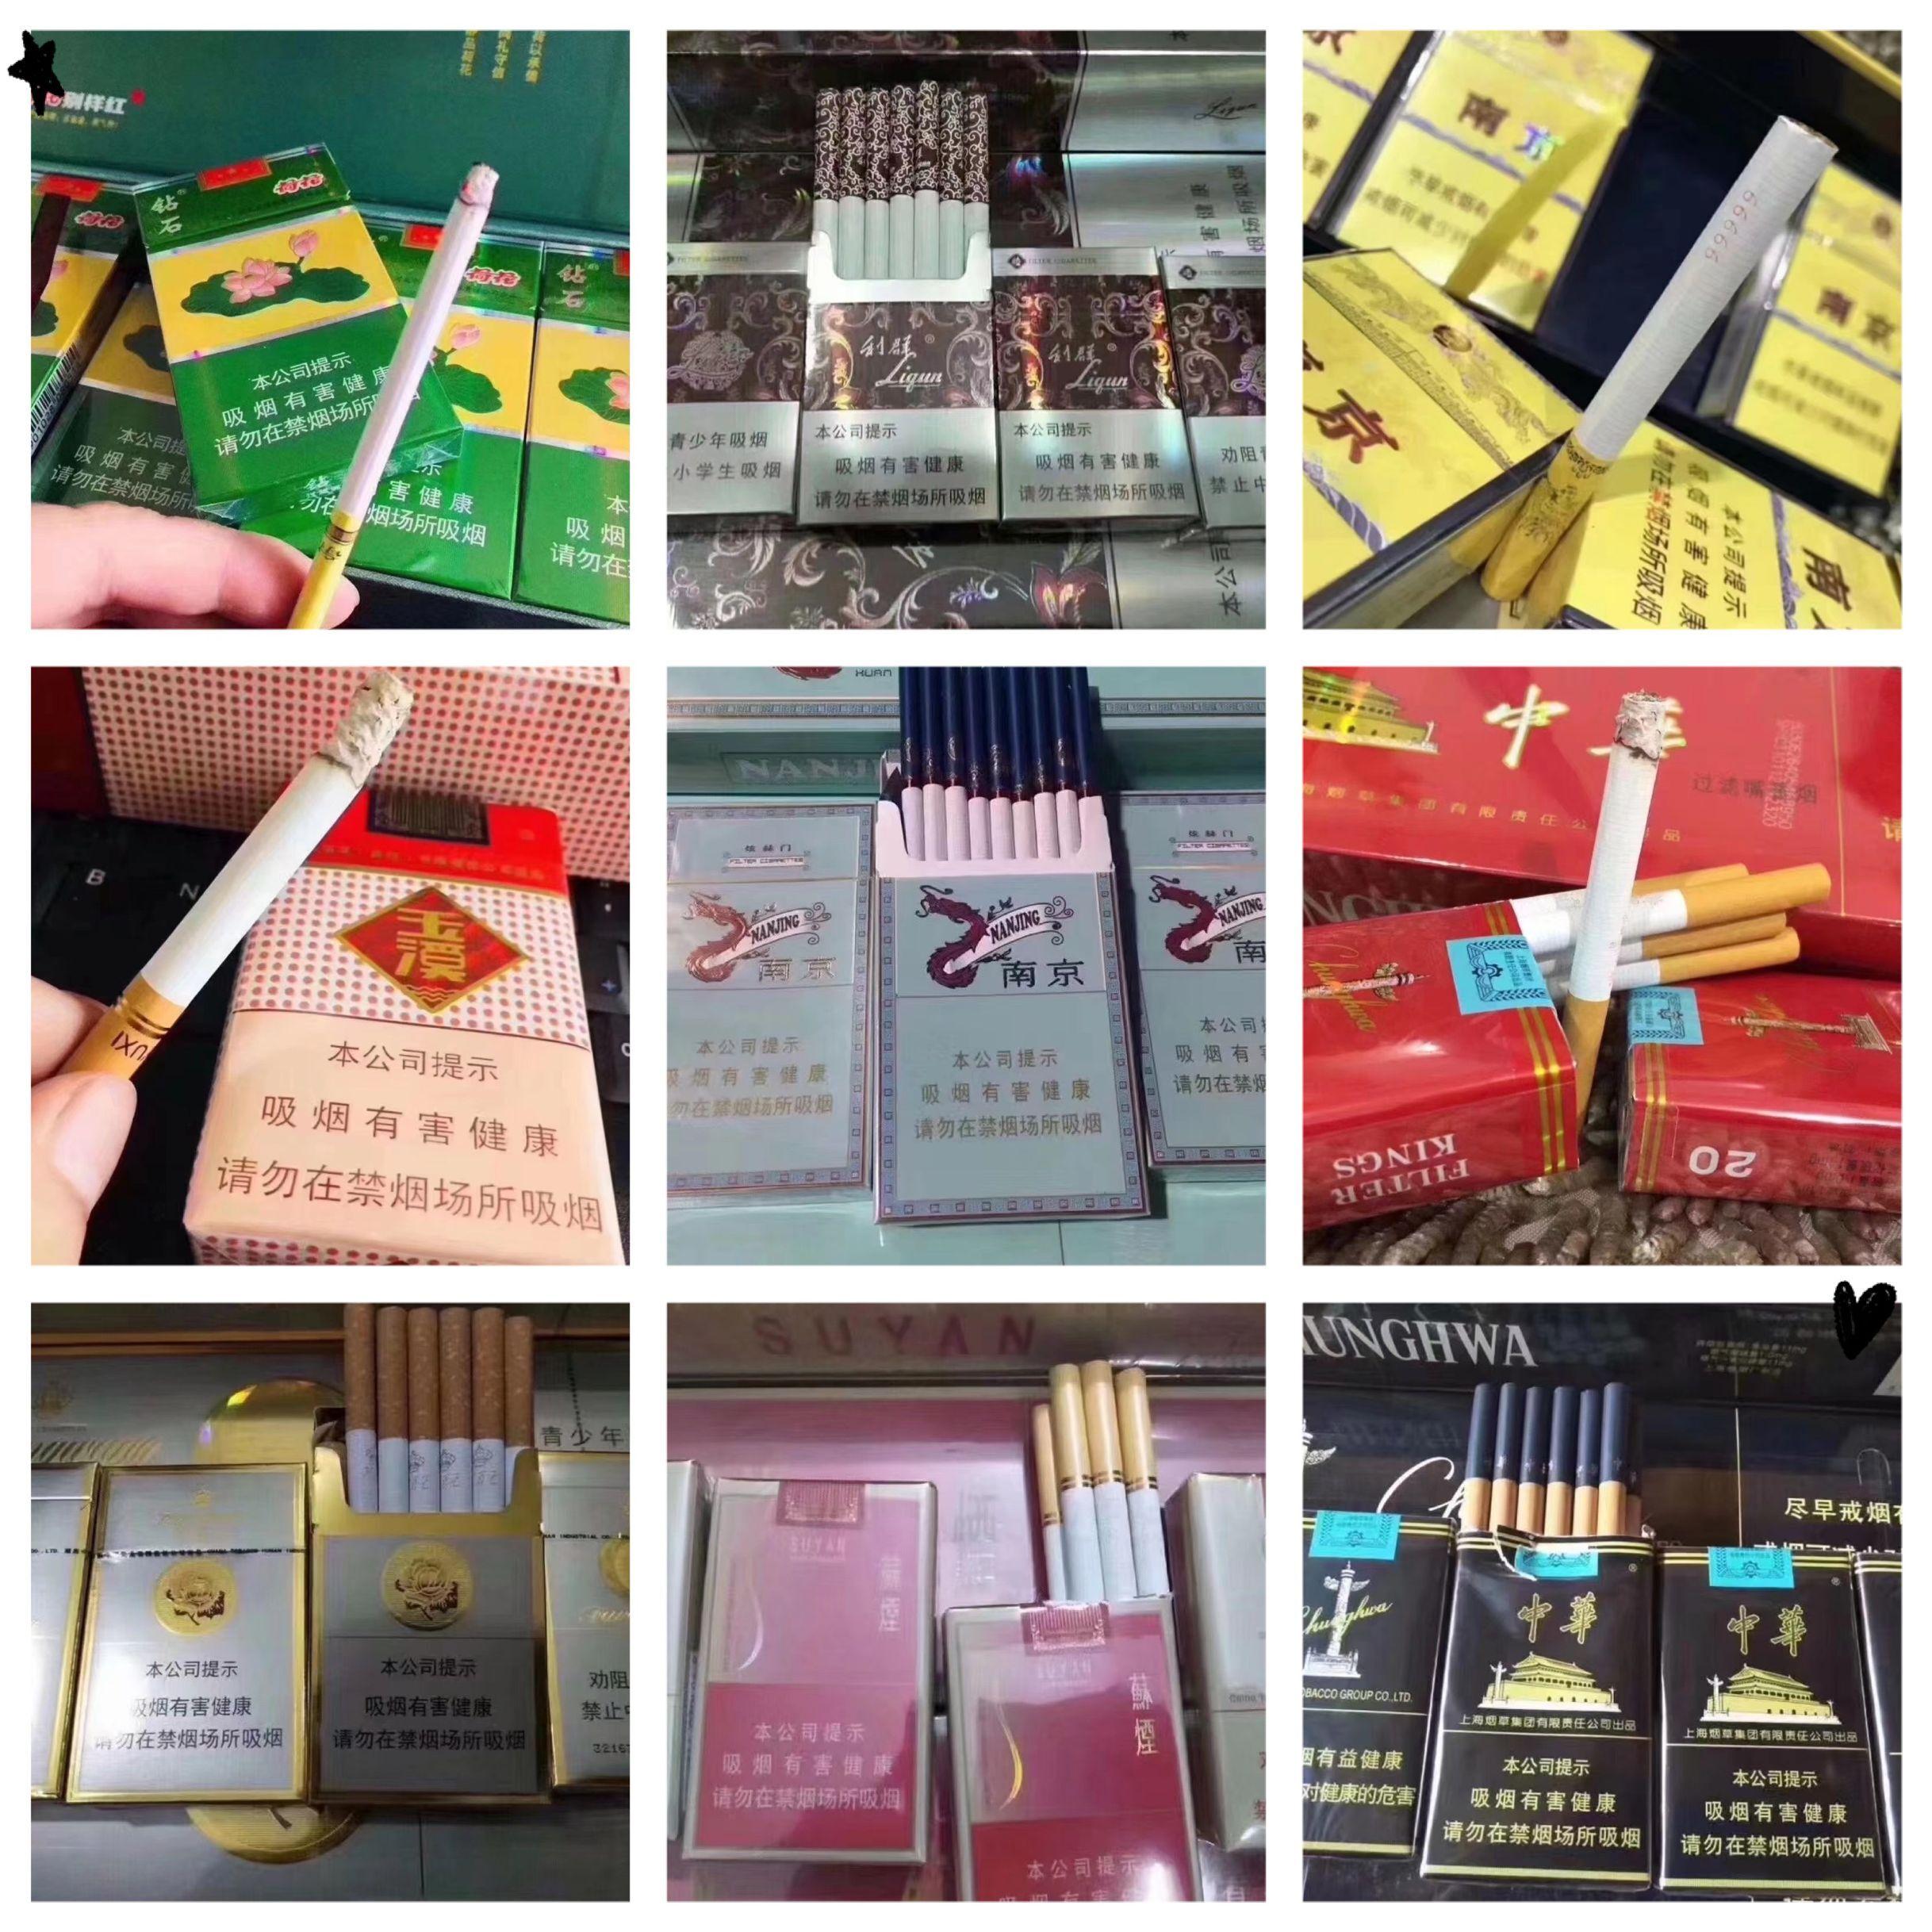 烟草批发厂家代理,诚信香烟批发总仓,香烟微商一手货源